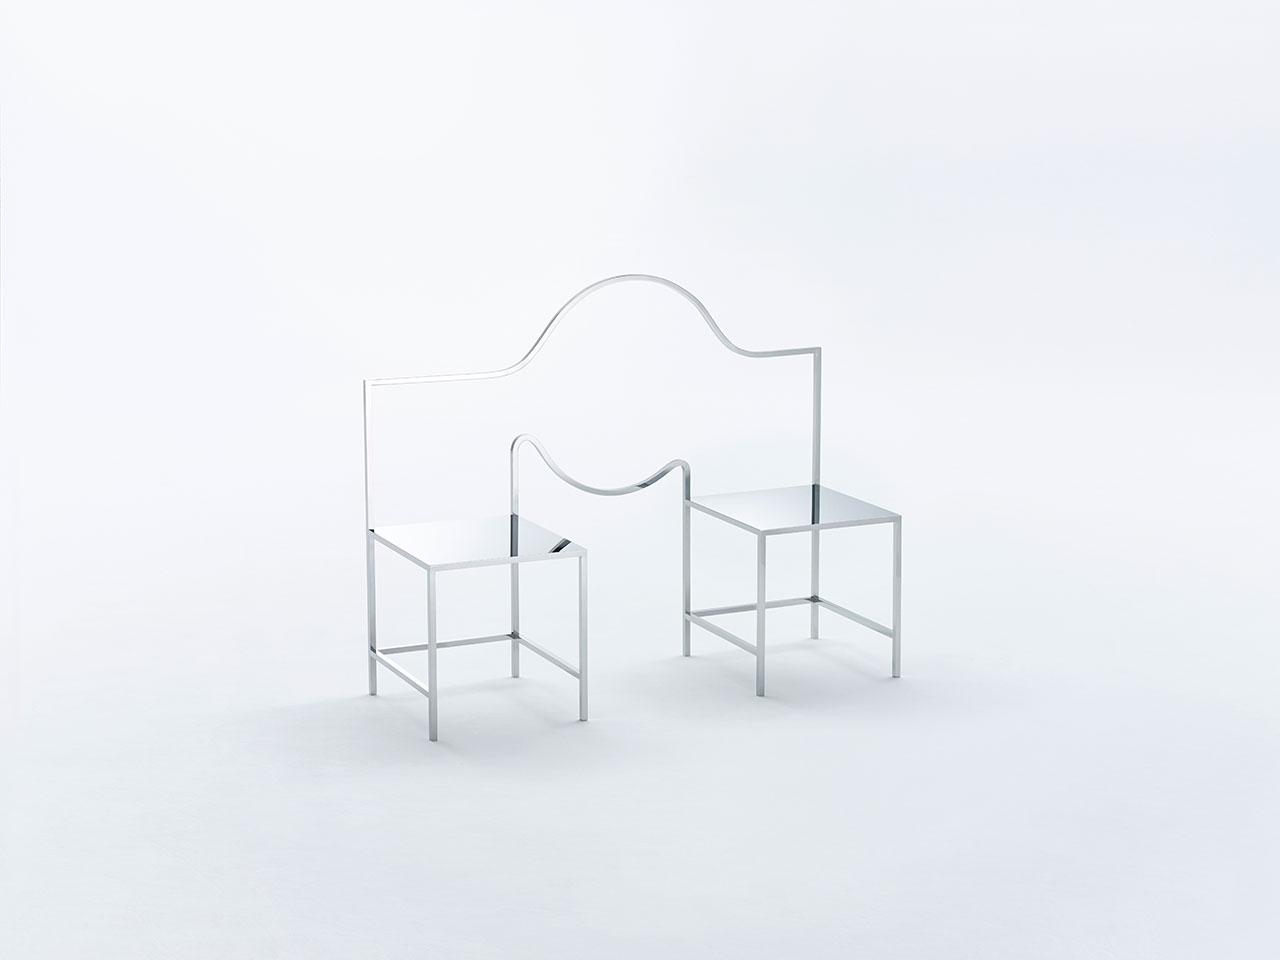 f18_50_manga_chairs_nendo_for_friedman_benda_photo_kenichi_sonehara_yatzer